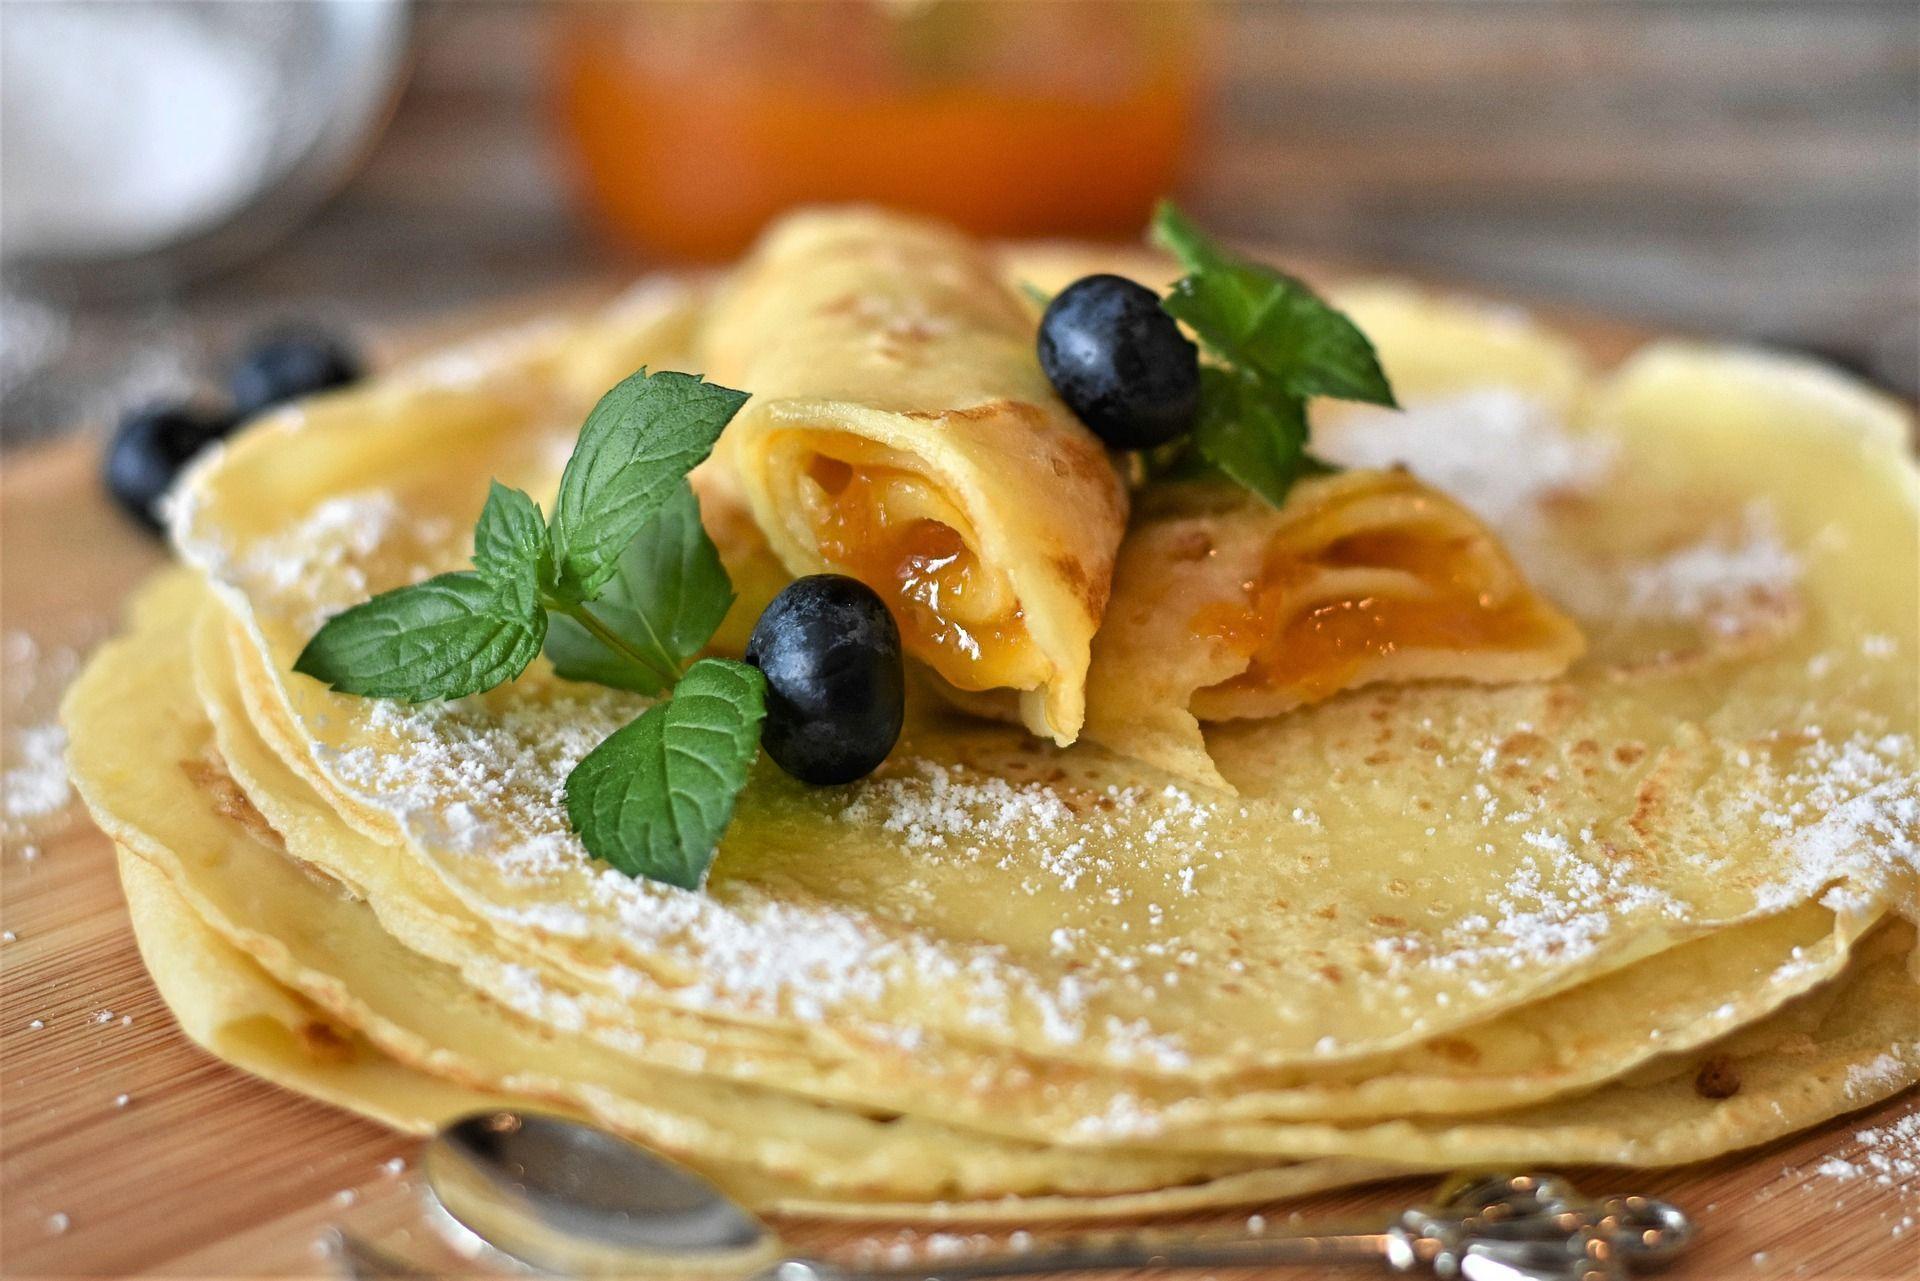 Receta Fácil Y Rápida Para Preparar Panqueques Tanto Para Platos Dulces Como Salados Lleva Pocos Ingredientes Y En Poco Tiempo Tenes Una Food Crepes Recipes